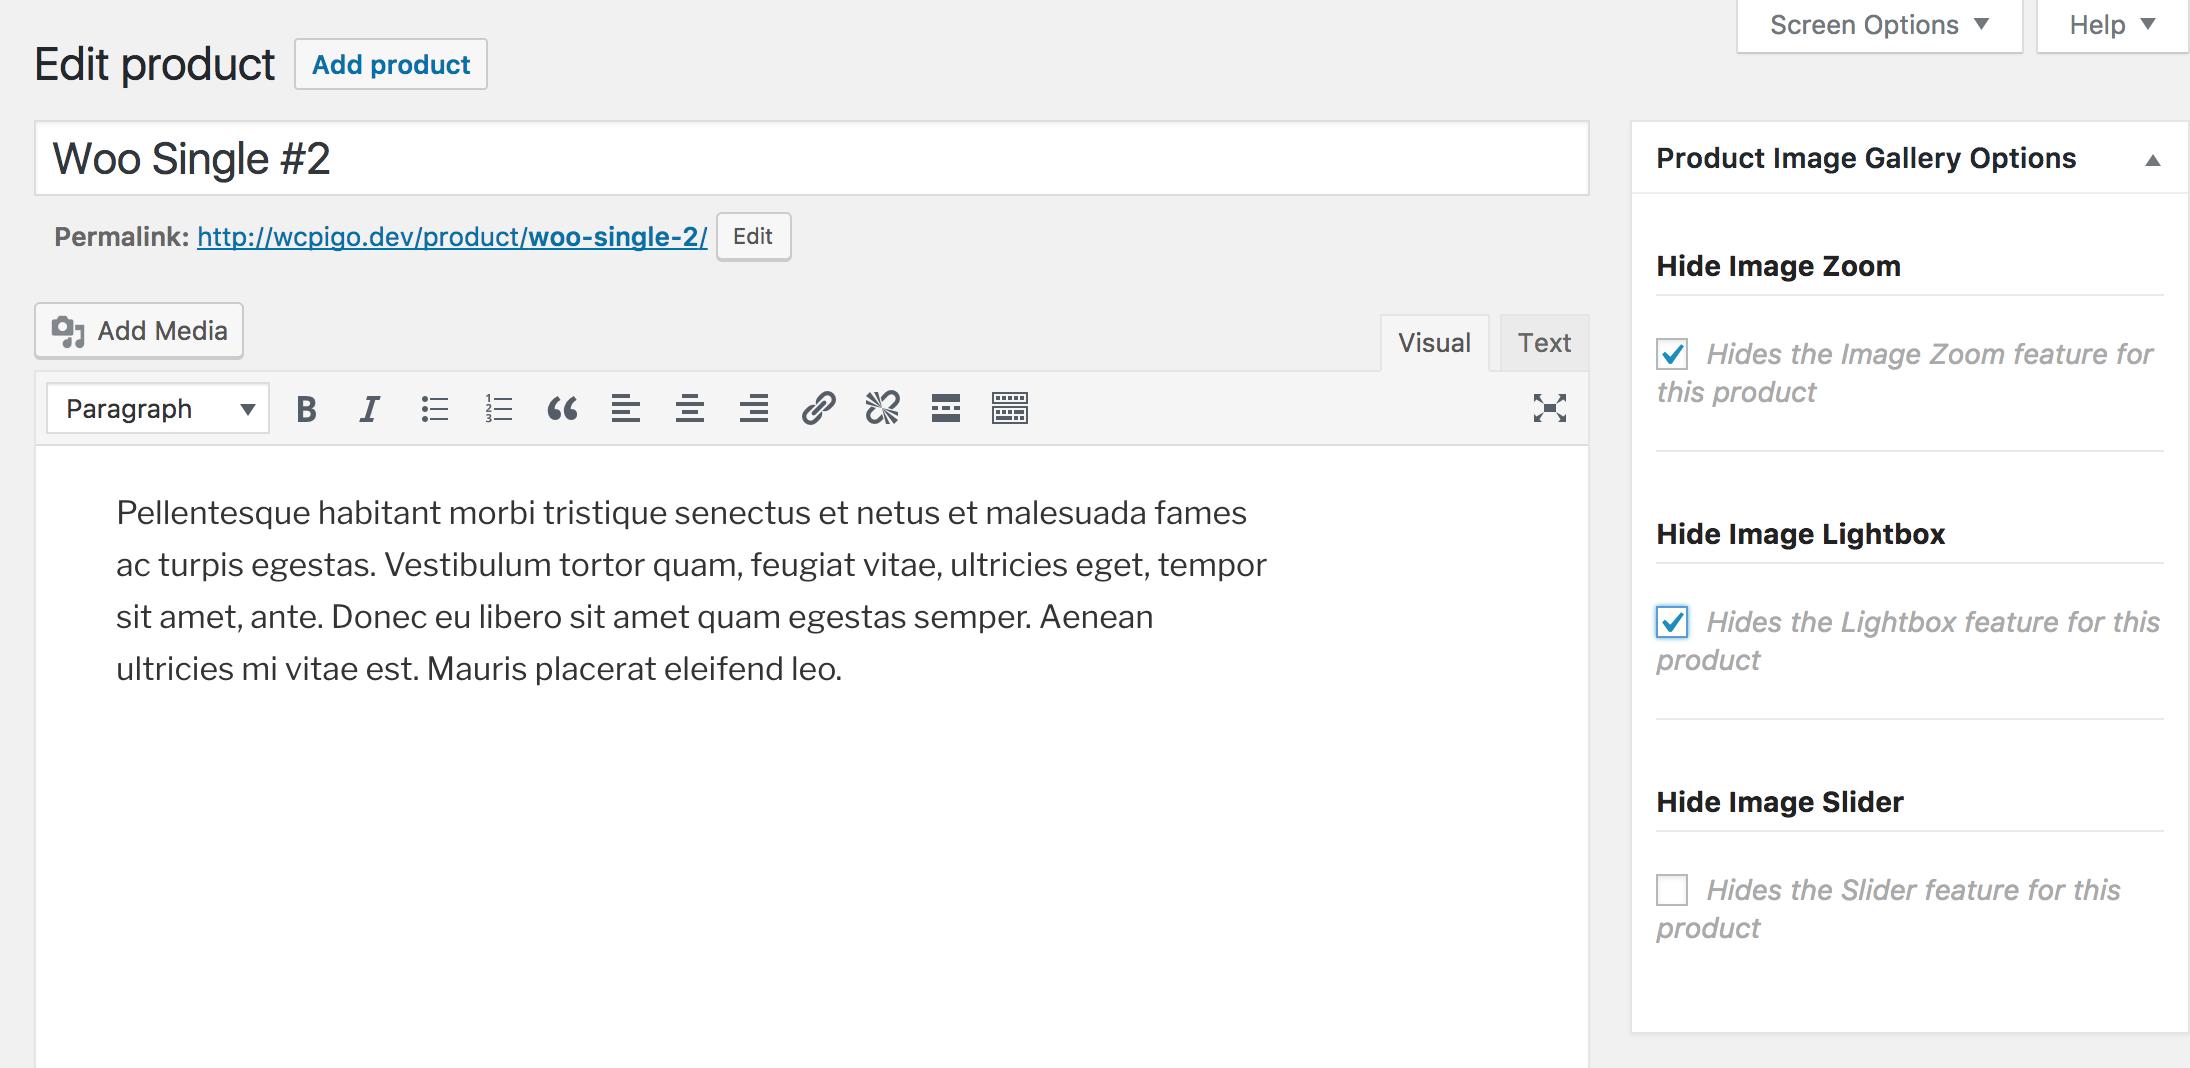 افزونه تنظیمات گالری تصویر ووکامرس